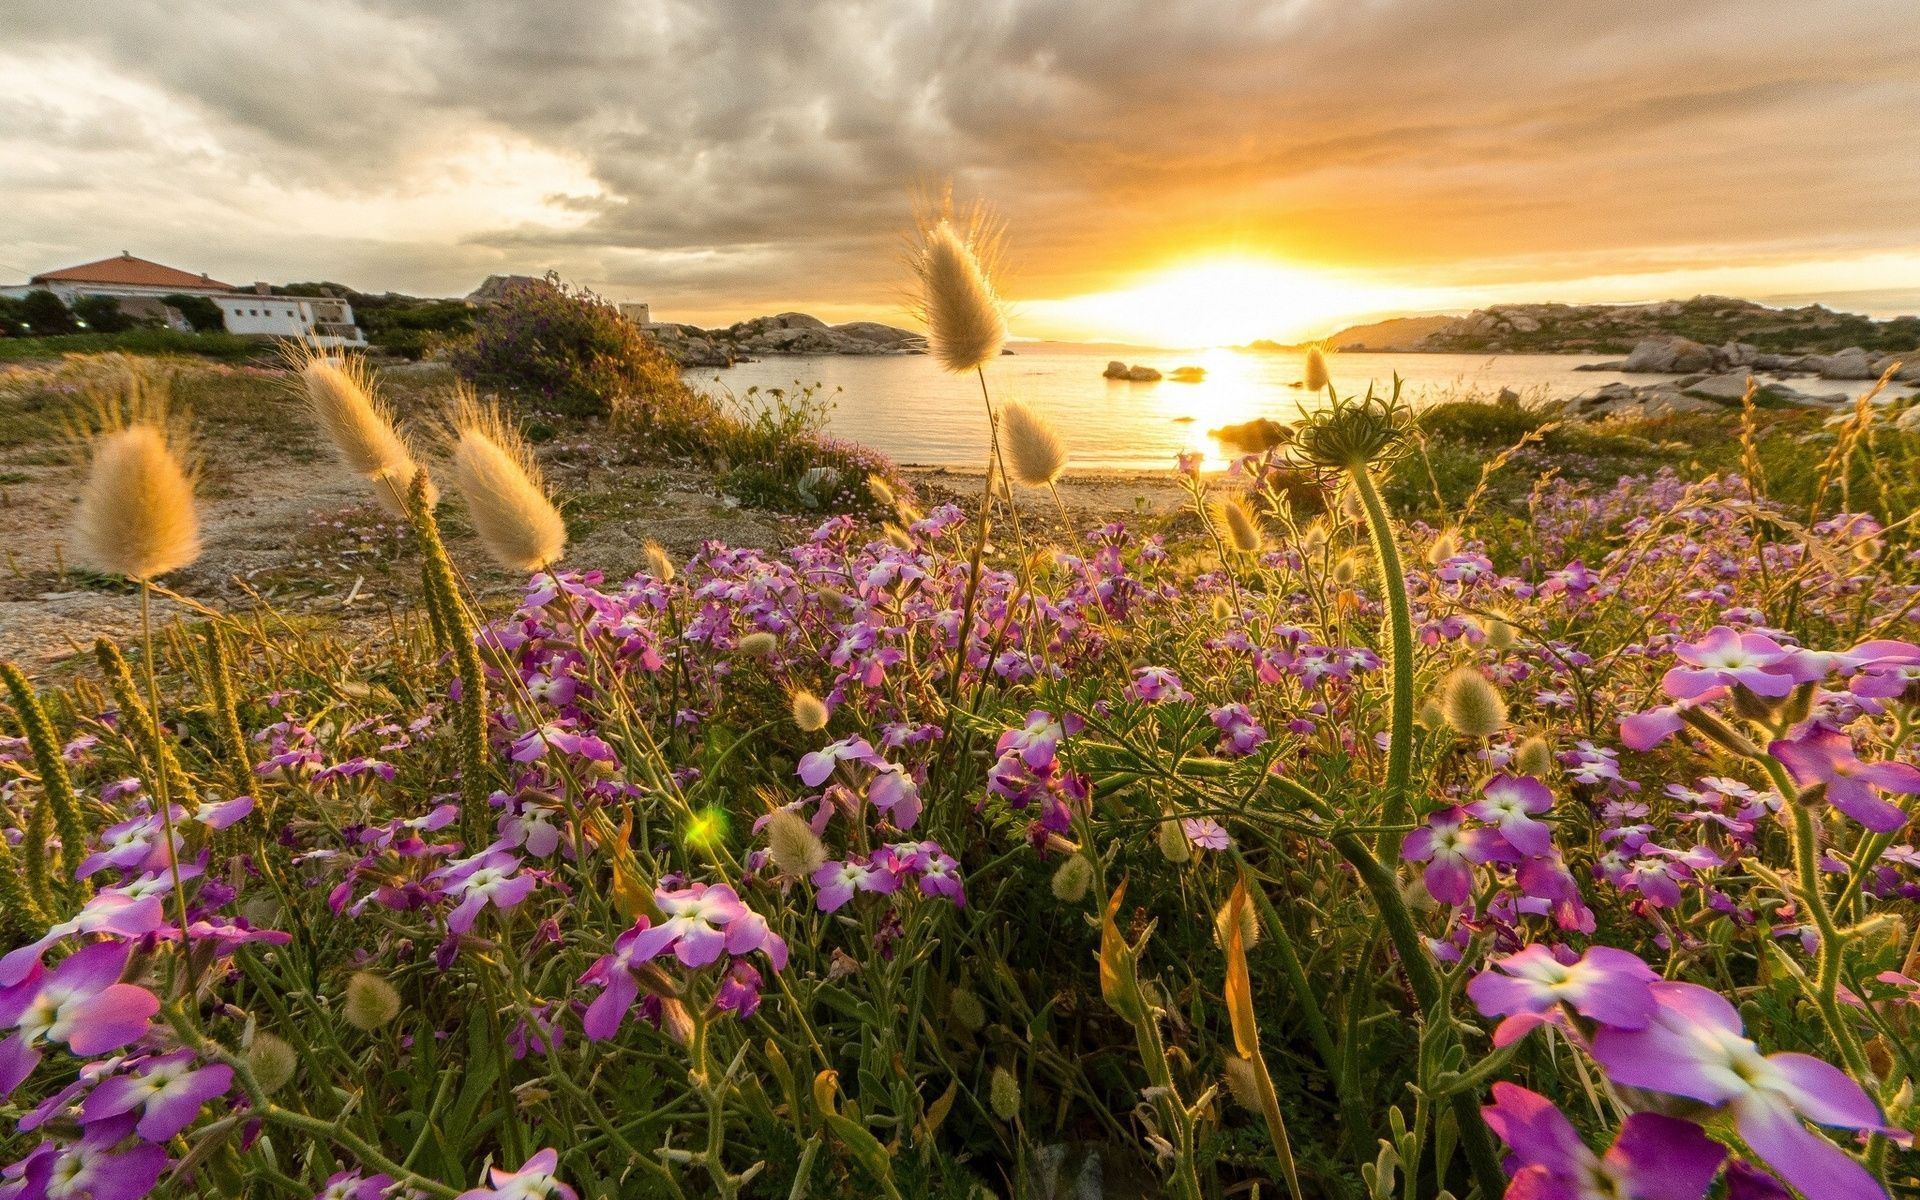 цветочная поляна небо закат загрузить